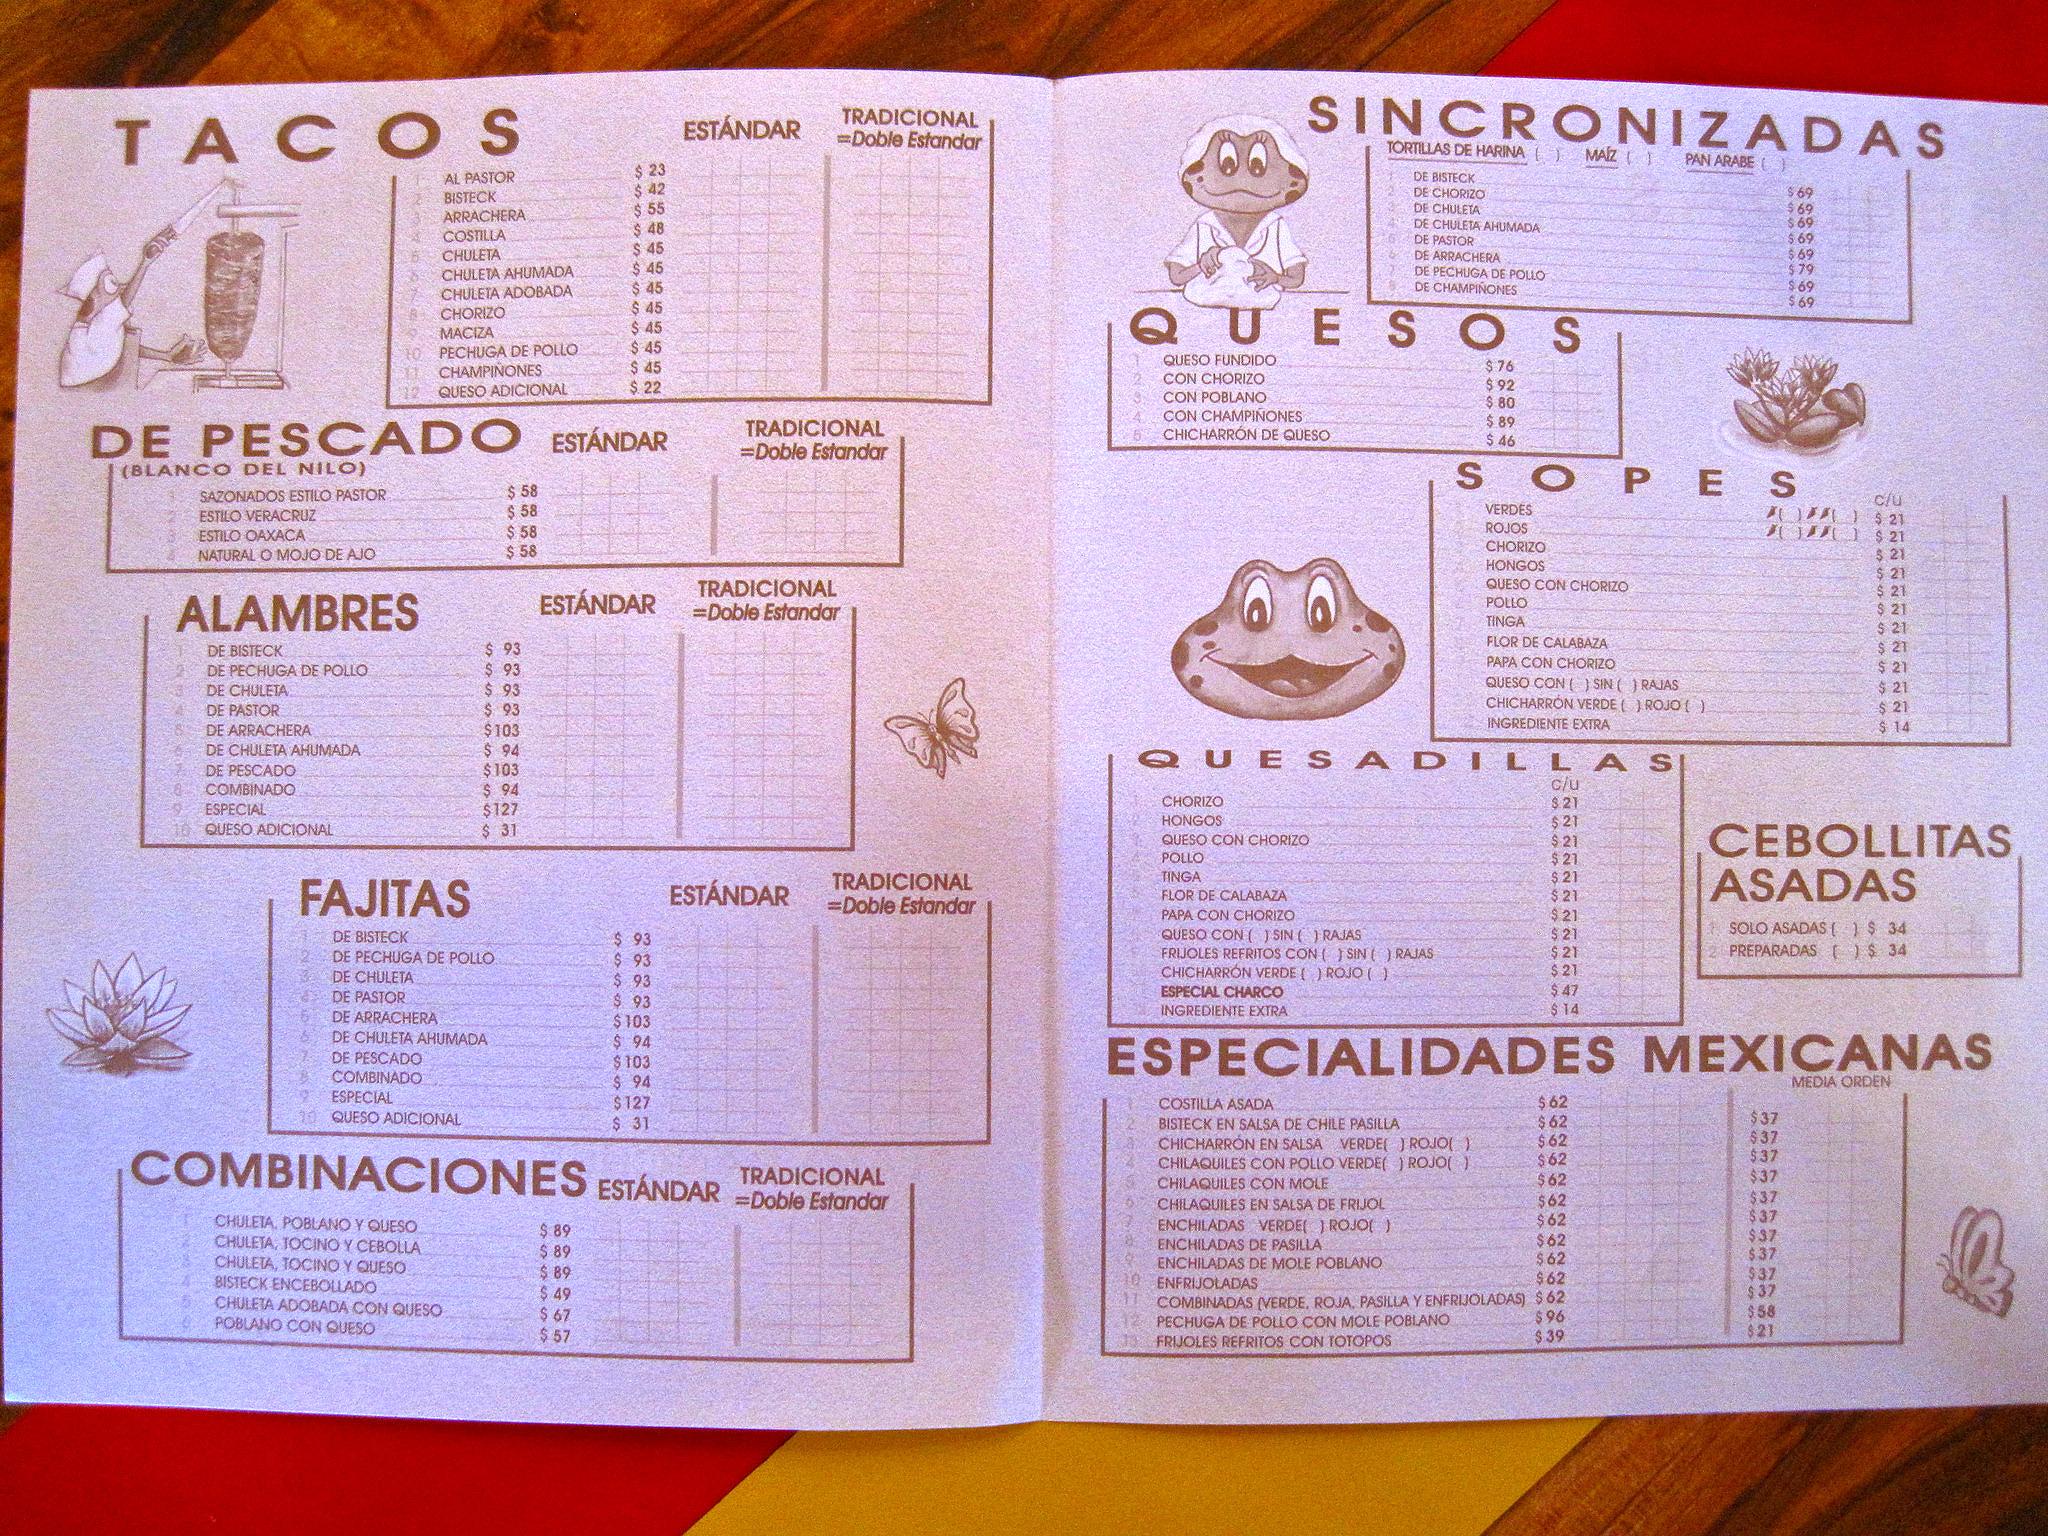 El Charo de las Ranas, Mexico City - Menu